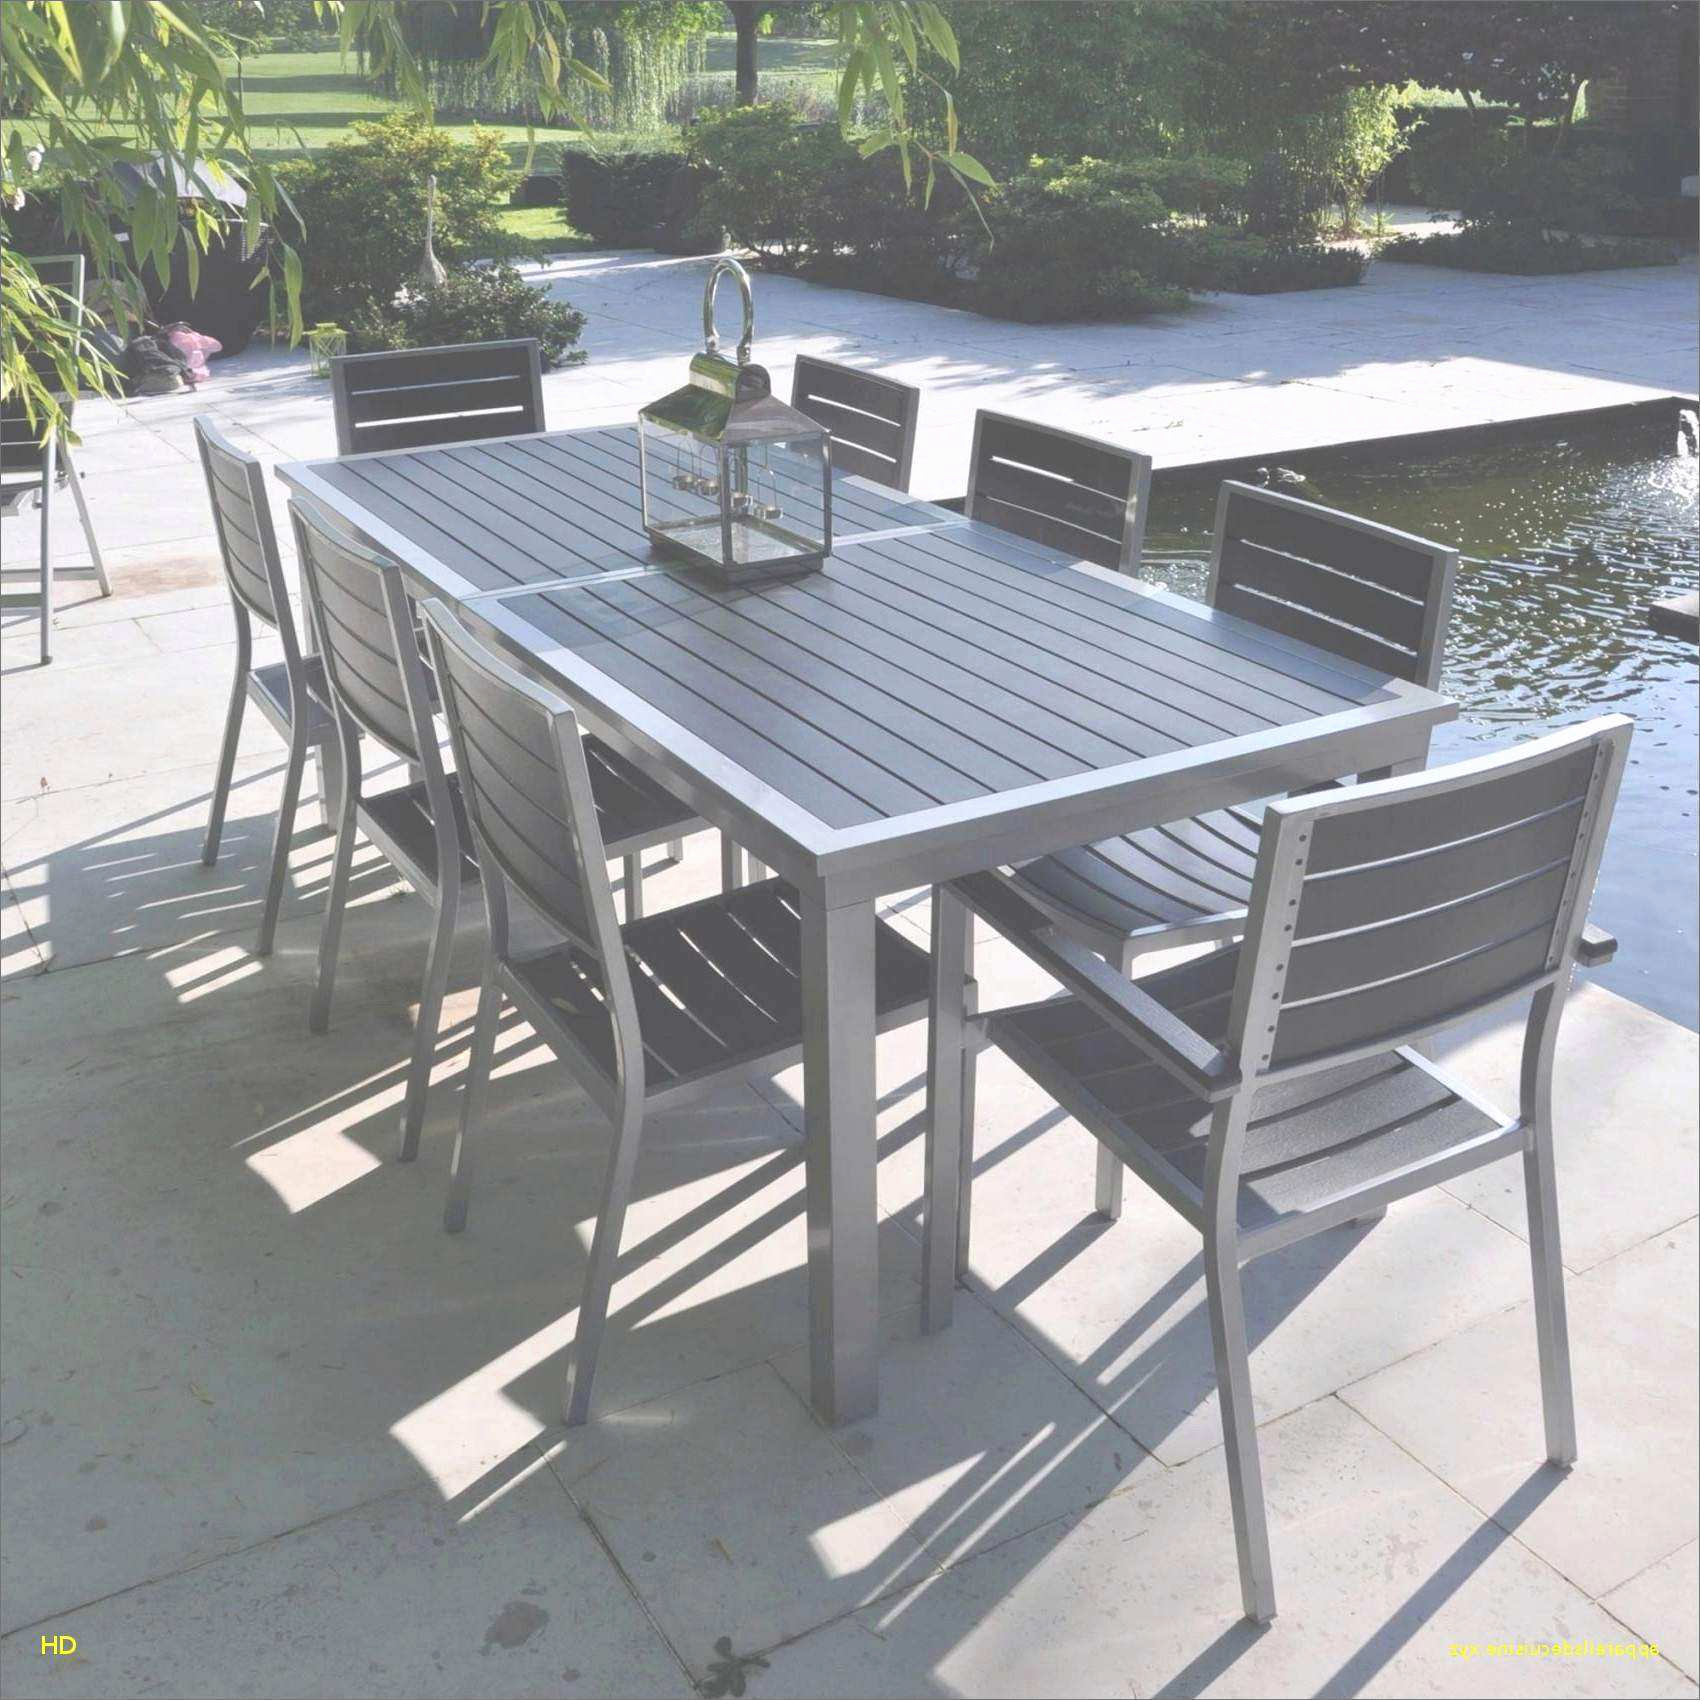 Salon De Jardin 12 Personnes Best Of Table Terrasse Pas Cher Of 25 Charmant Salon De Jardin 12 Personnes